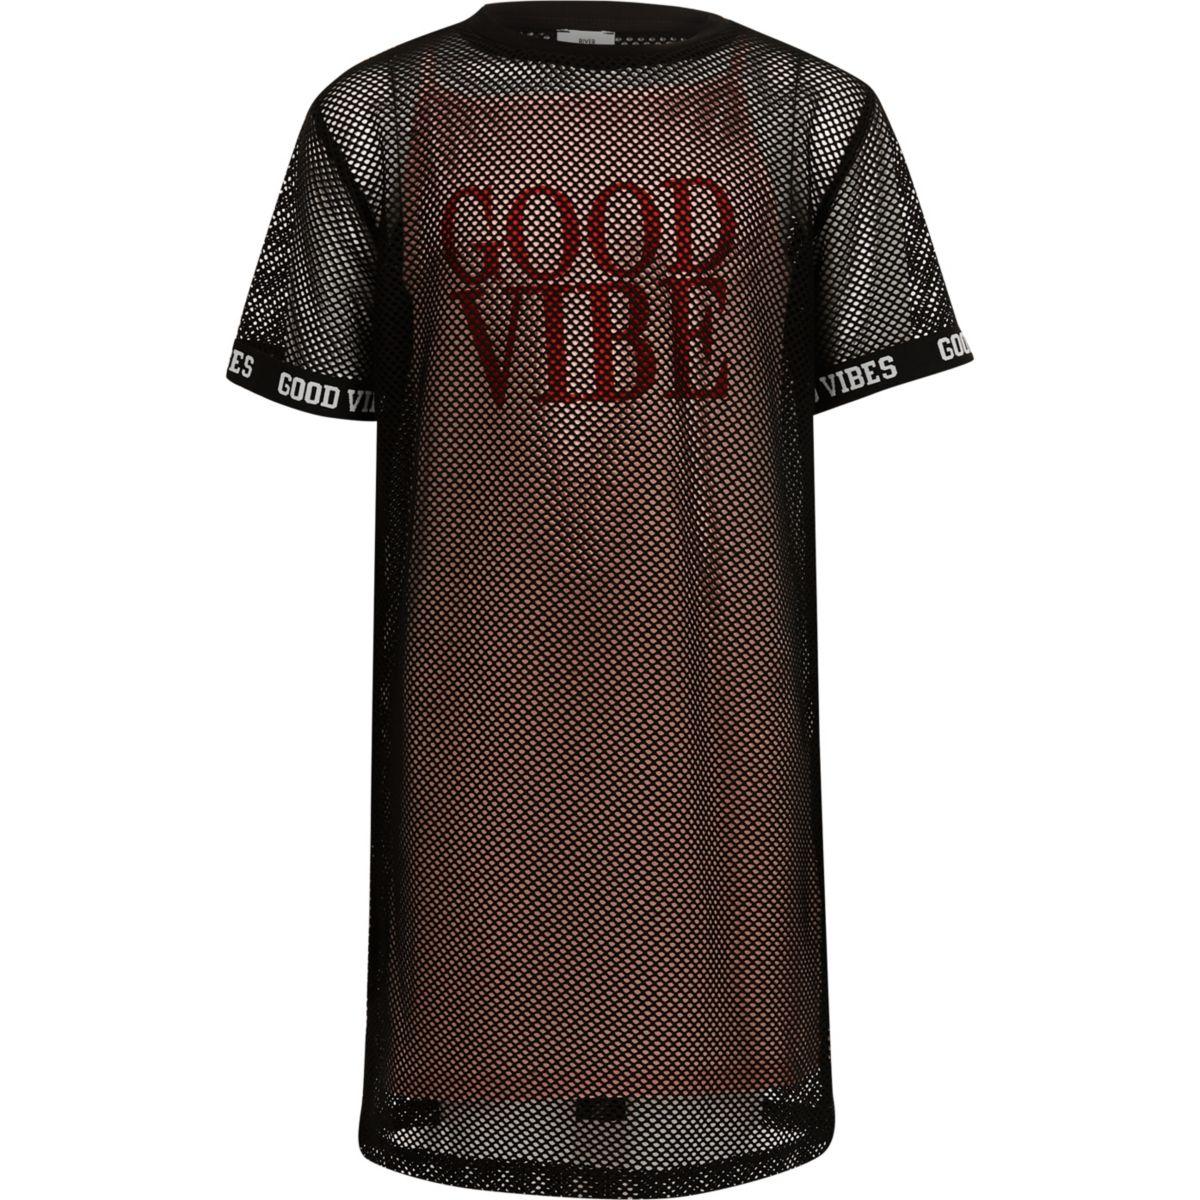 Girls black mesh 'good vibes' T-shirt dress